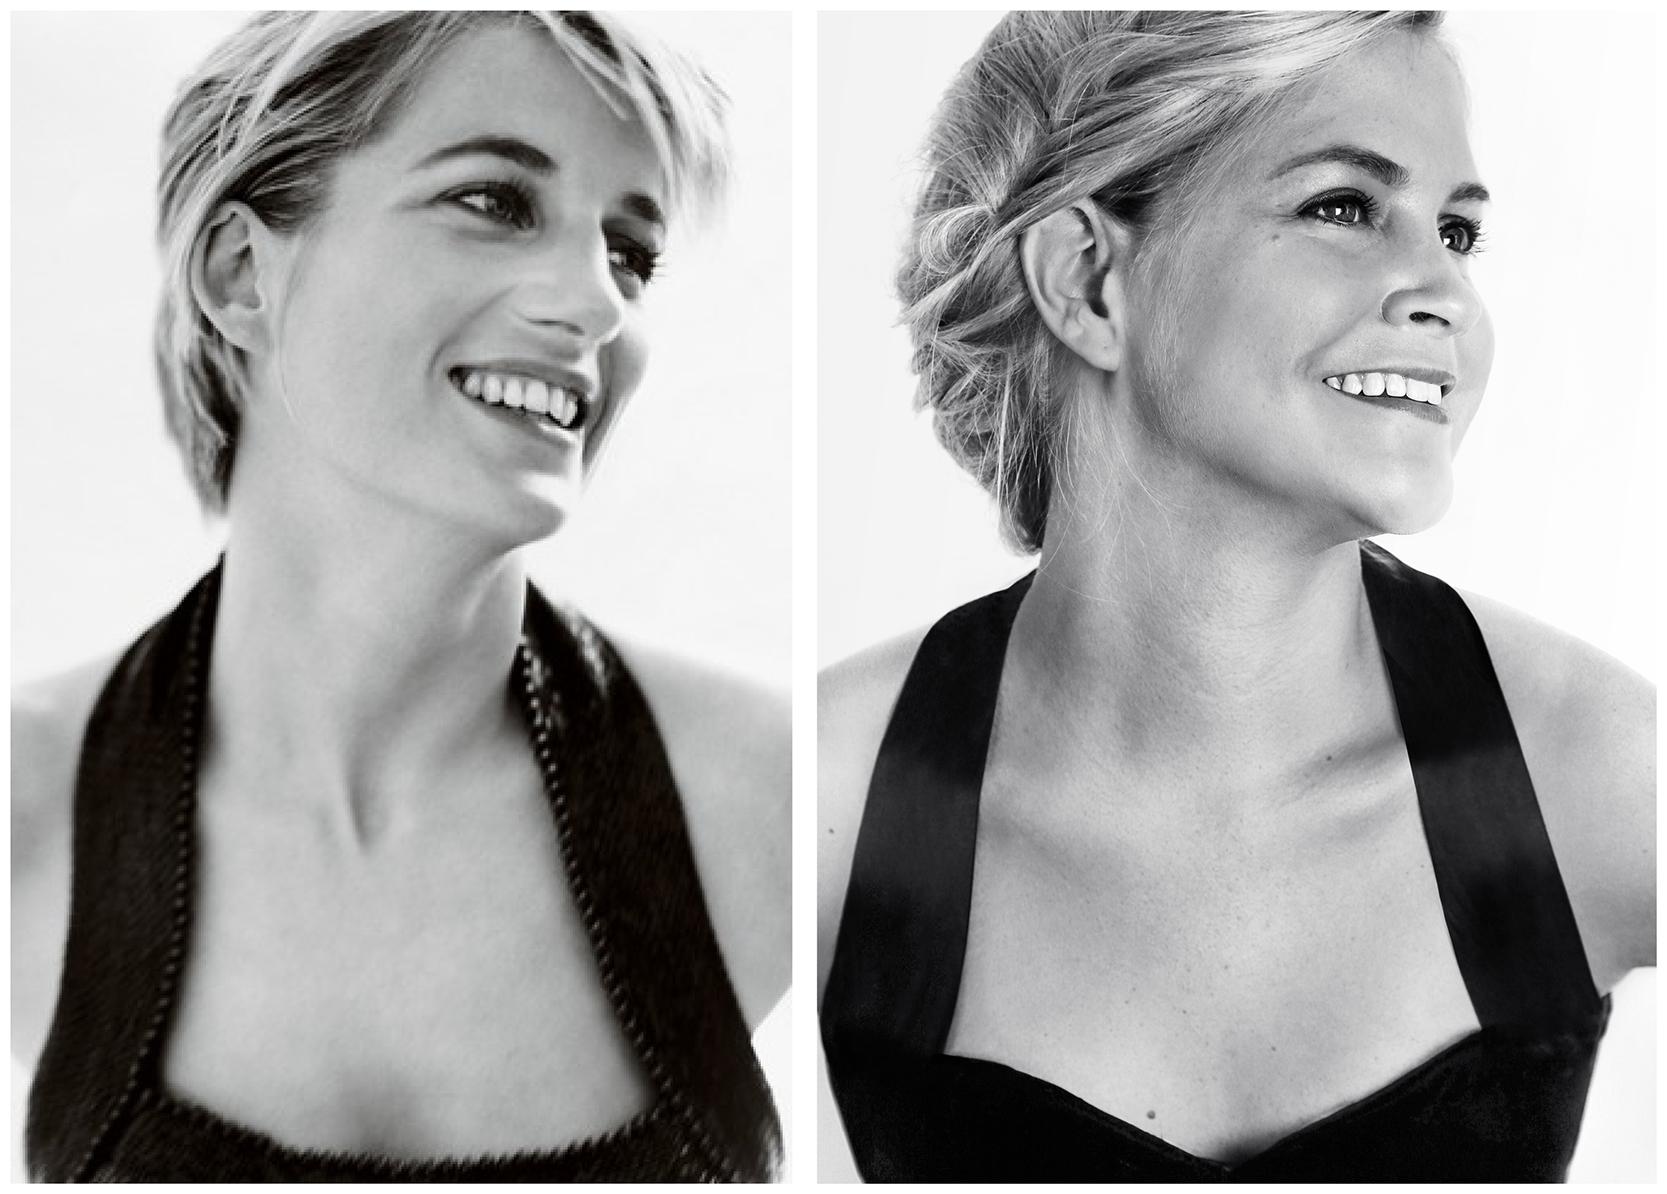 Princess Diana original photo comparison to replica photo